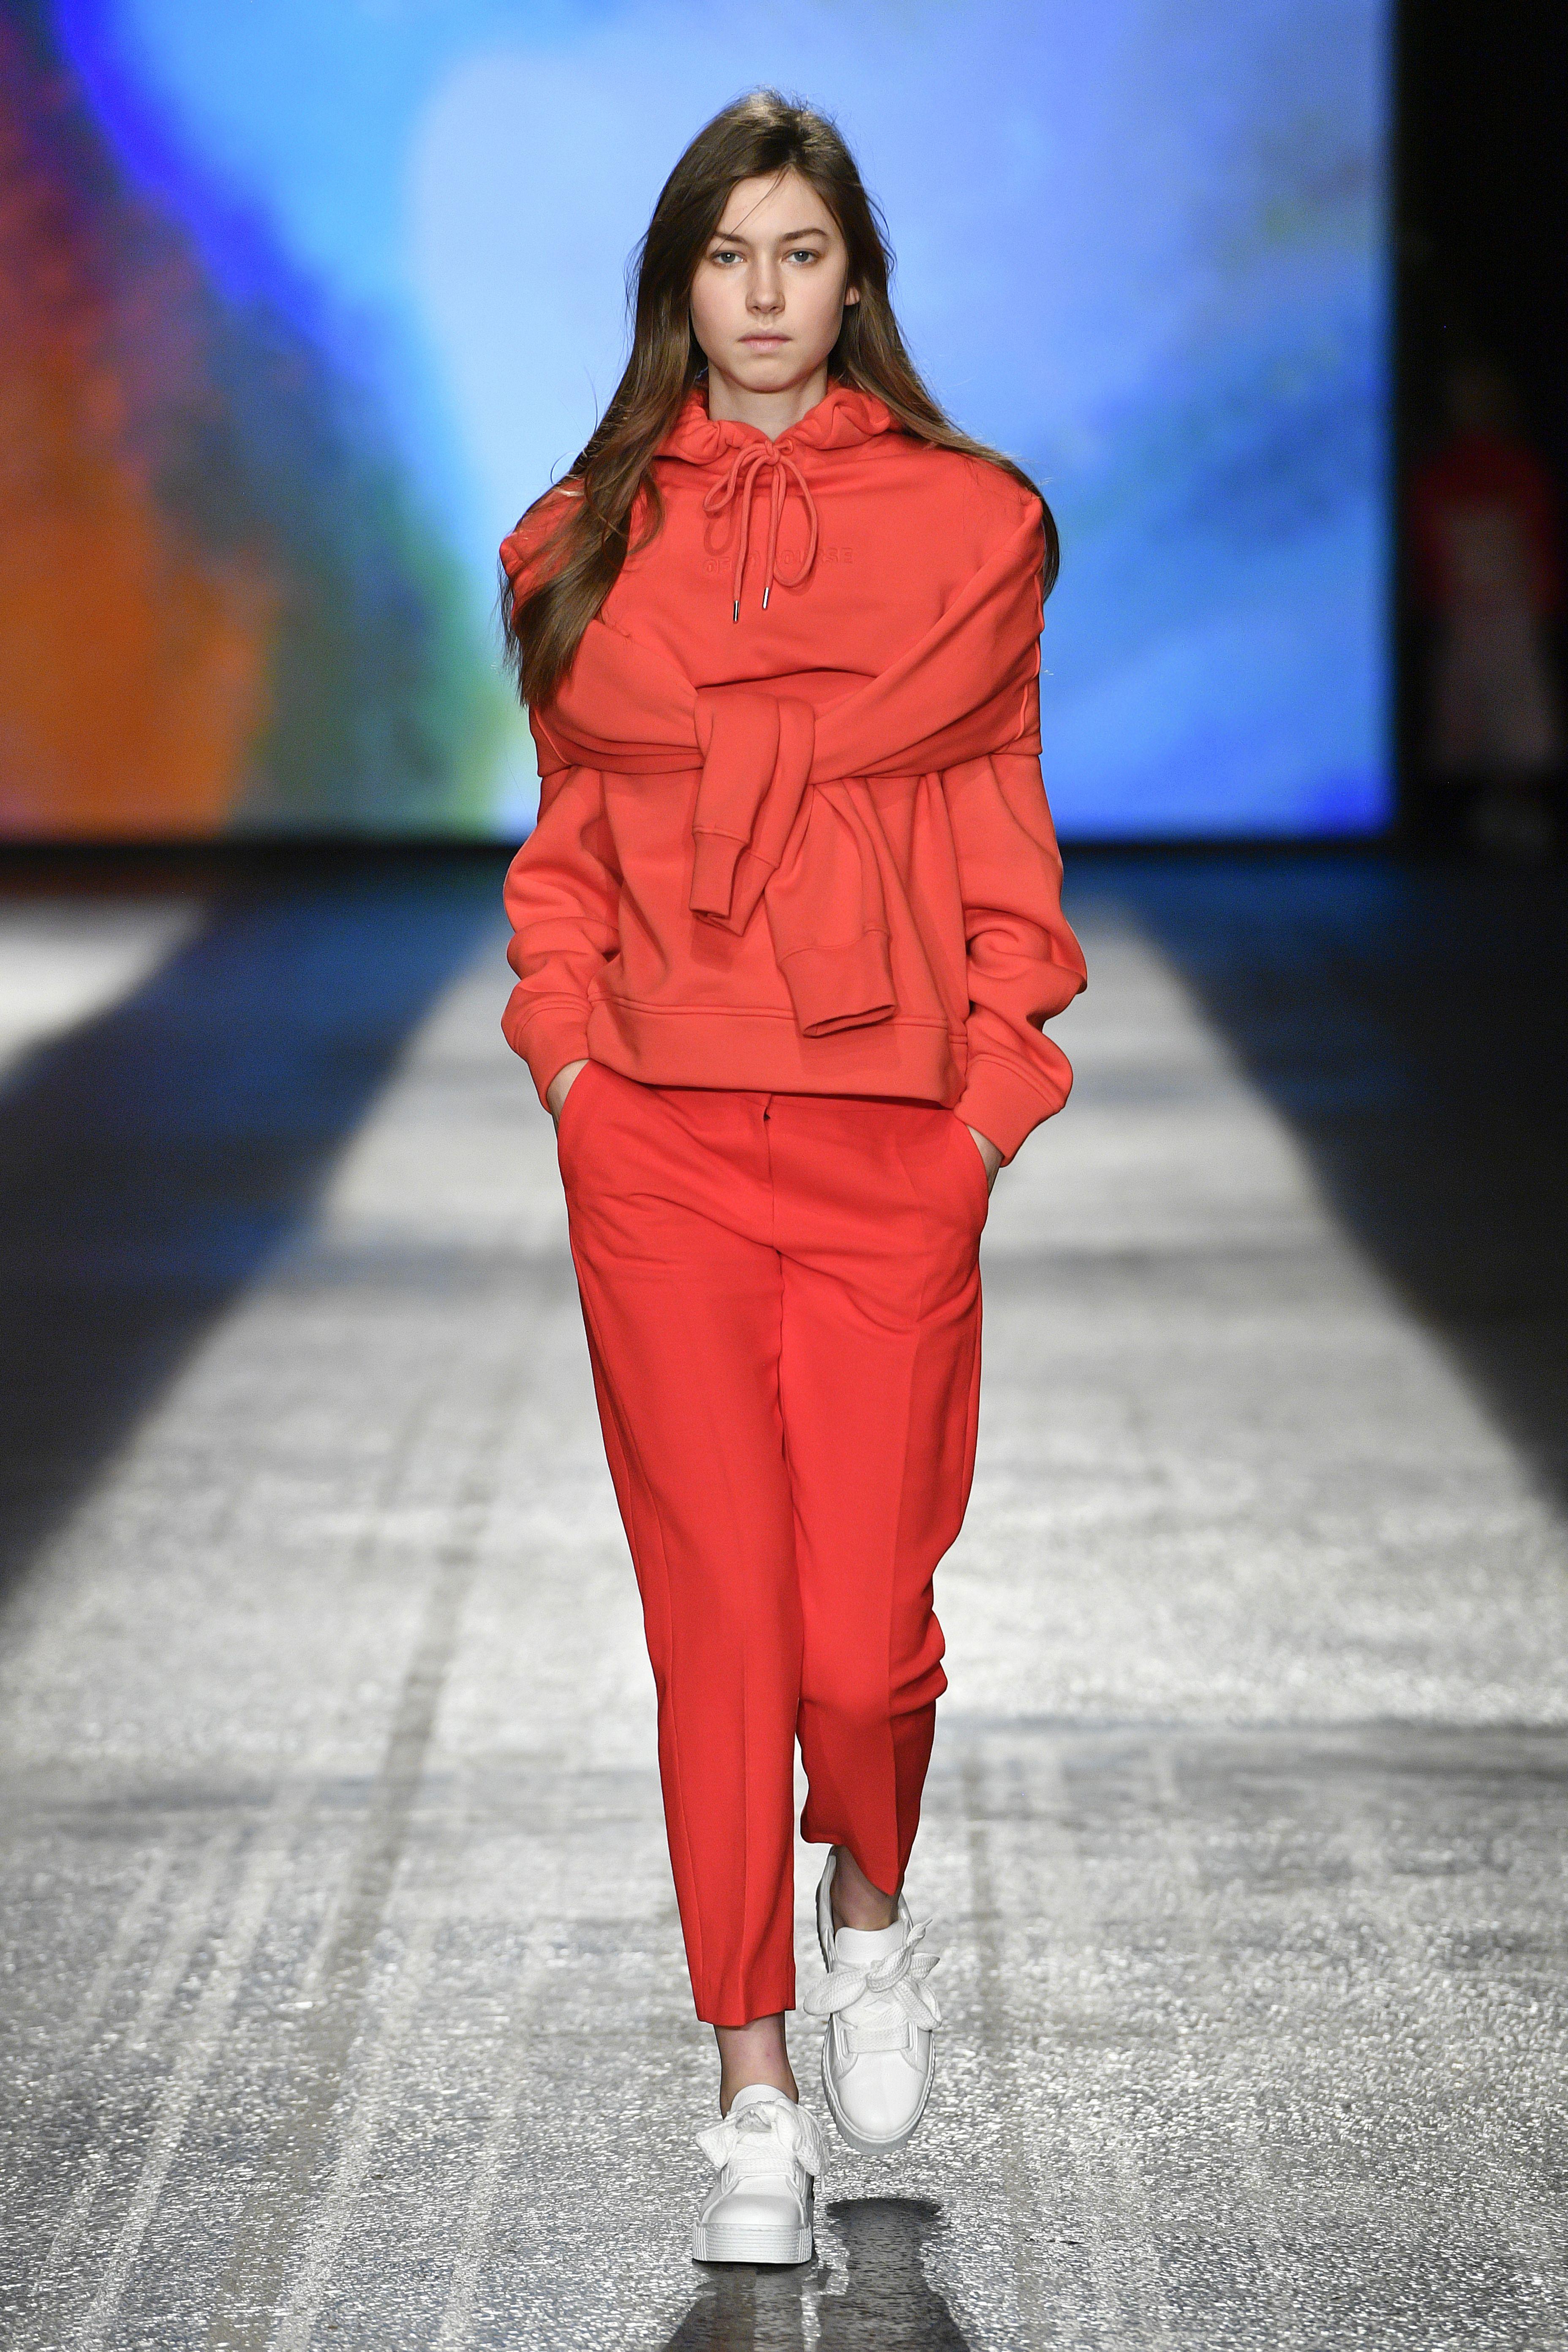 Scarlet O N Kelsey Hoodie Jaya 10059 Sweatshirt Flame y7gY6fvb